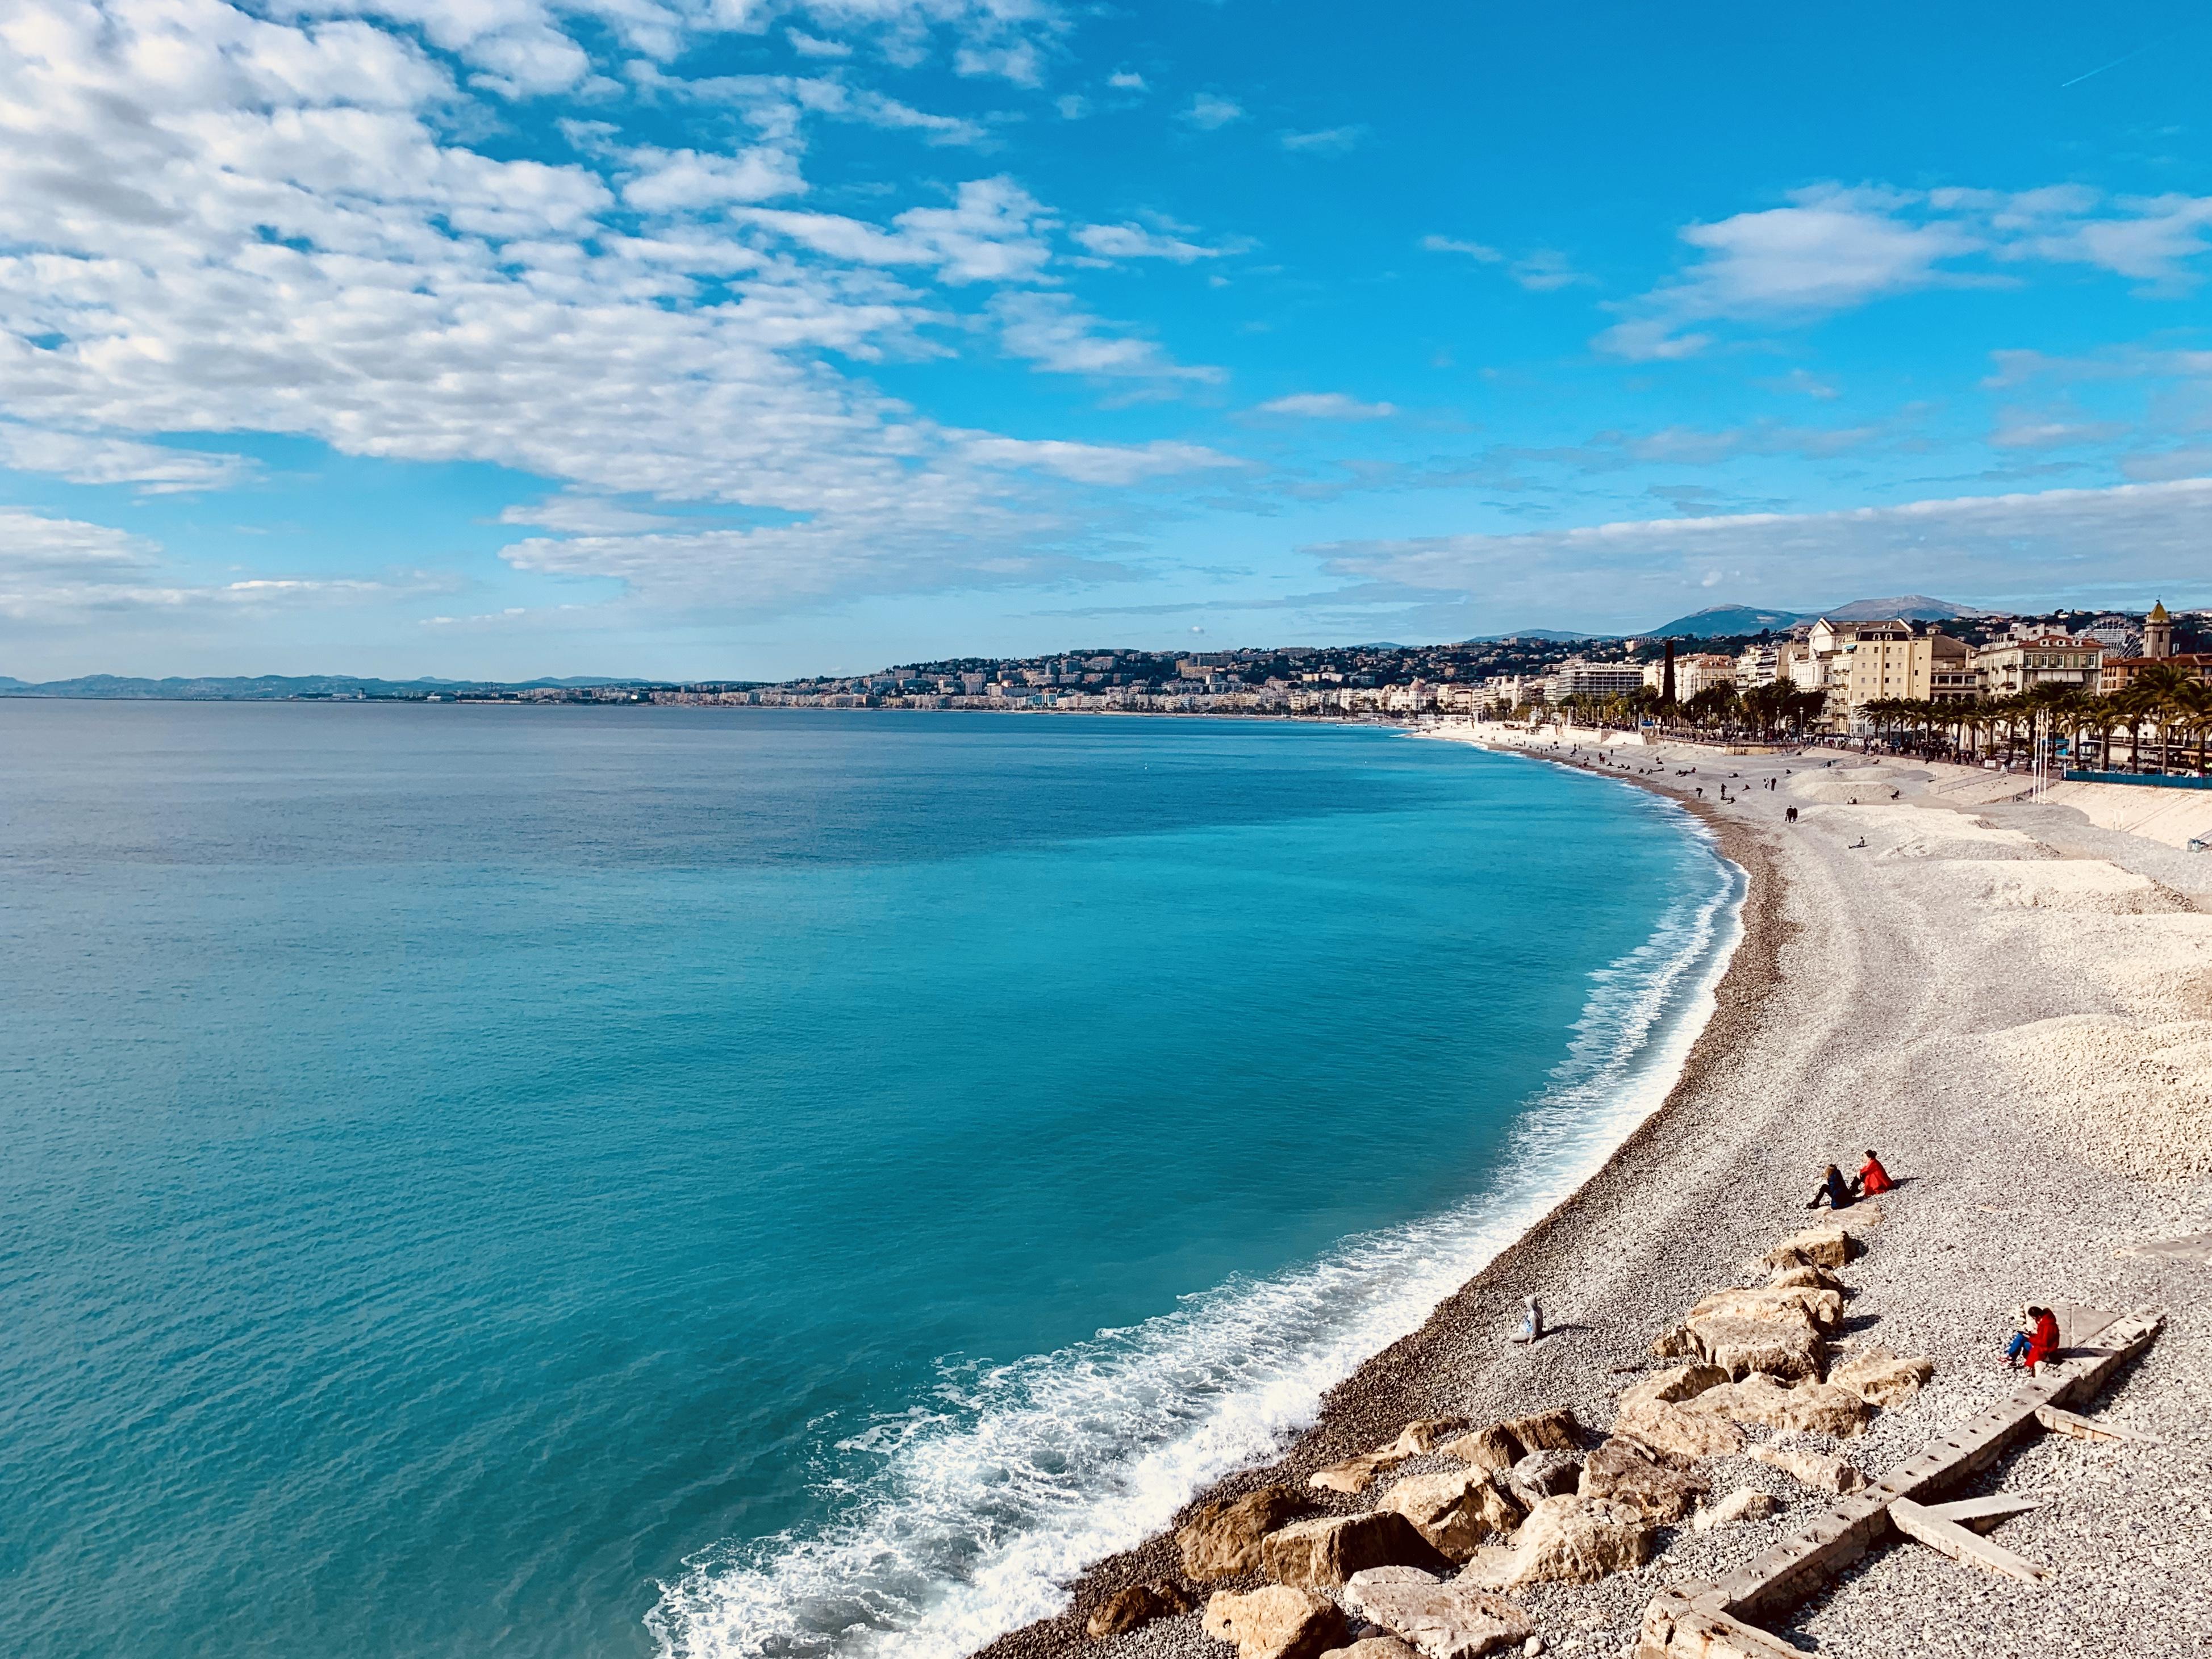 Vacances de Pâques à Nice - Crédit Best Western Plus Hôtel Brice Garden Nice